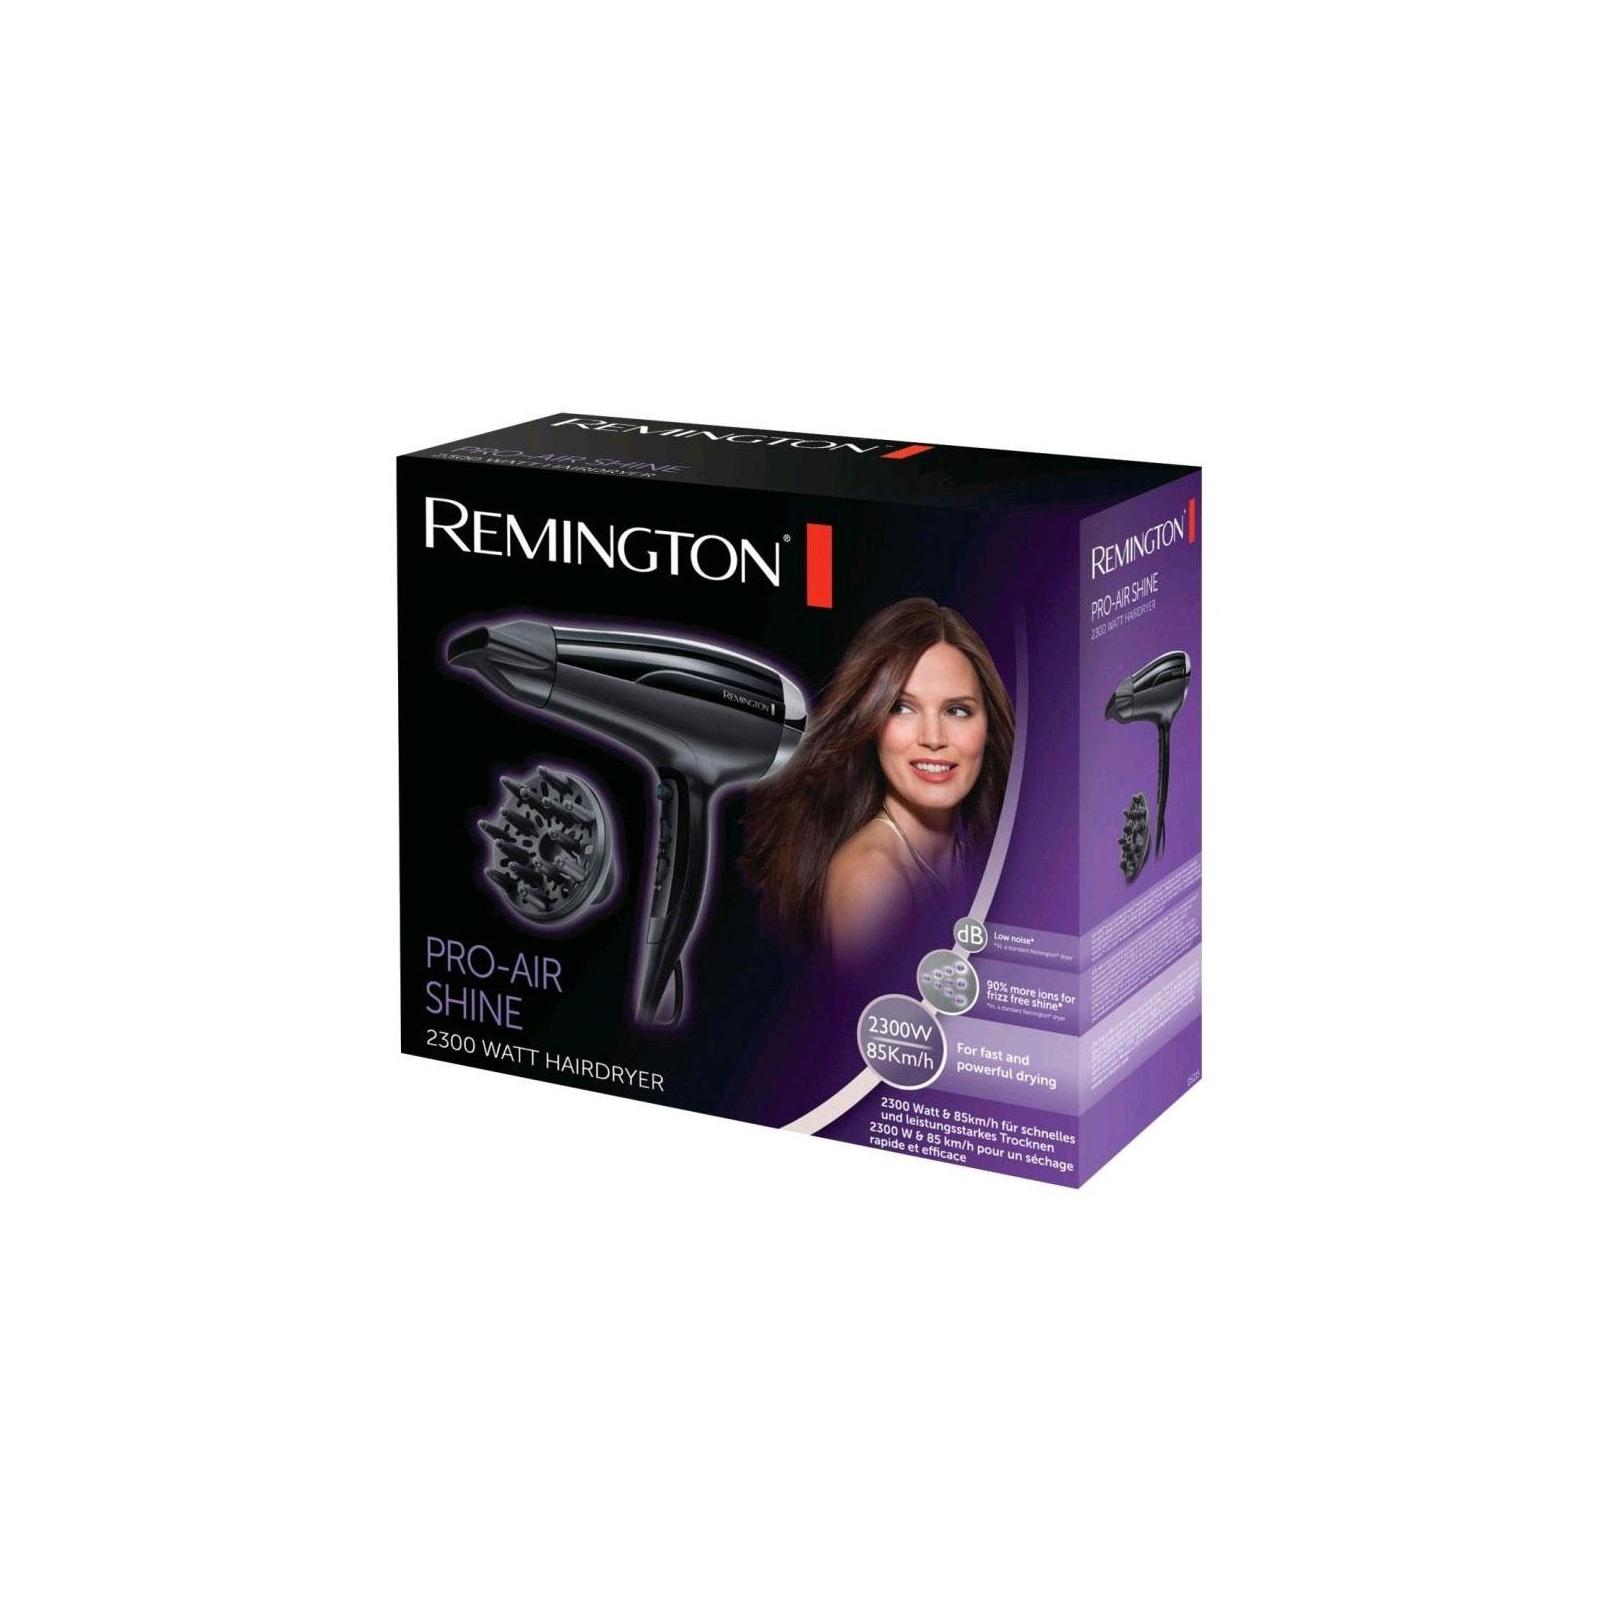 Фен Remington D5215 изображение 2